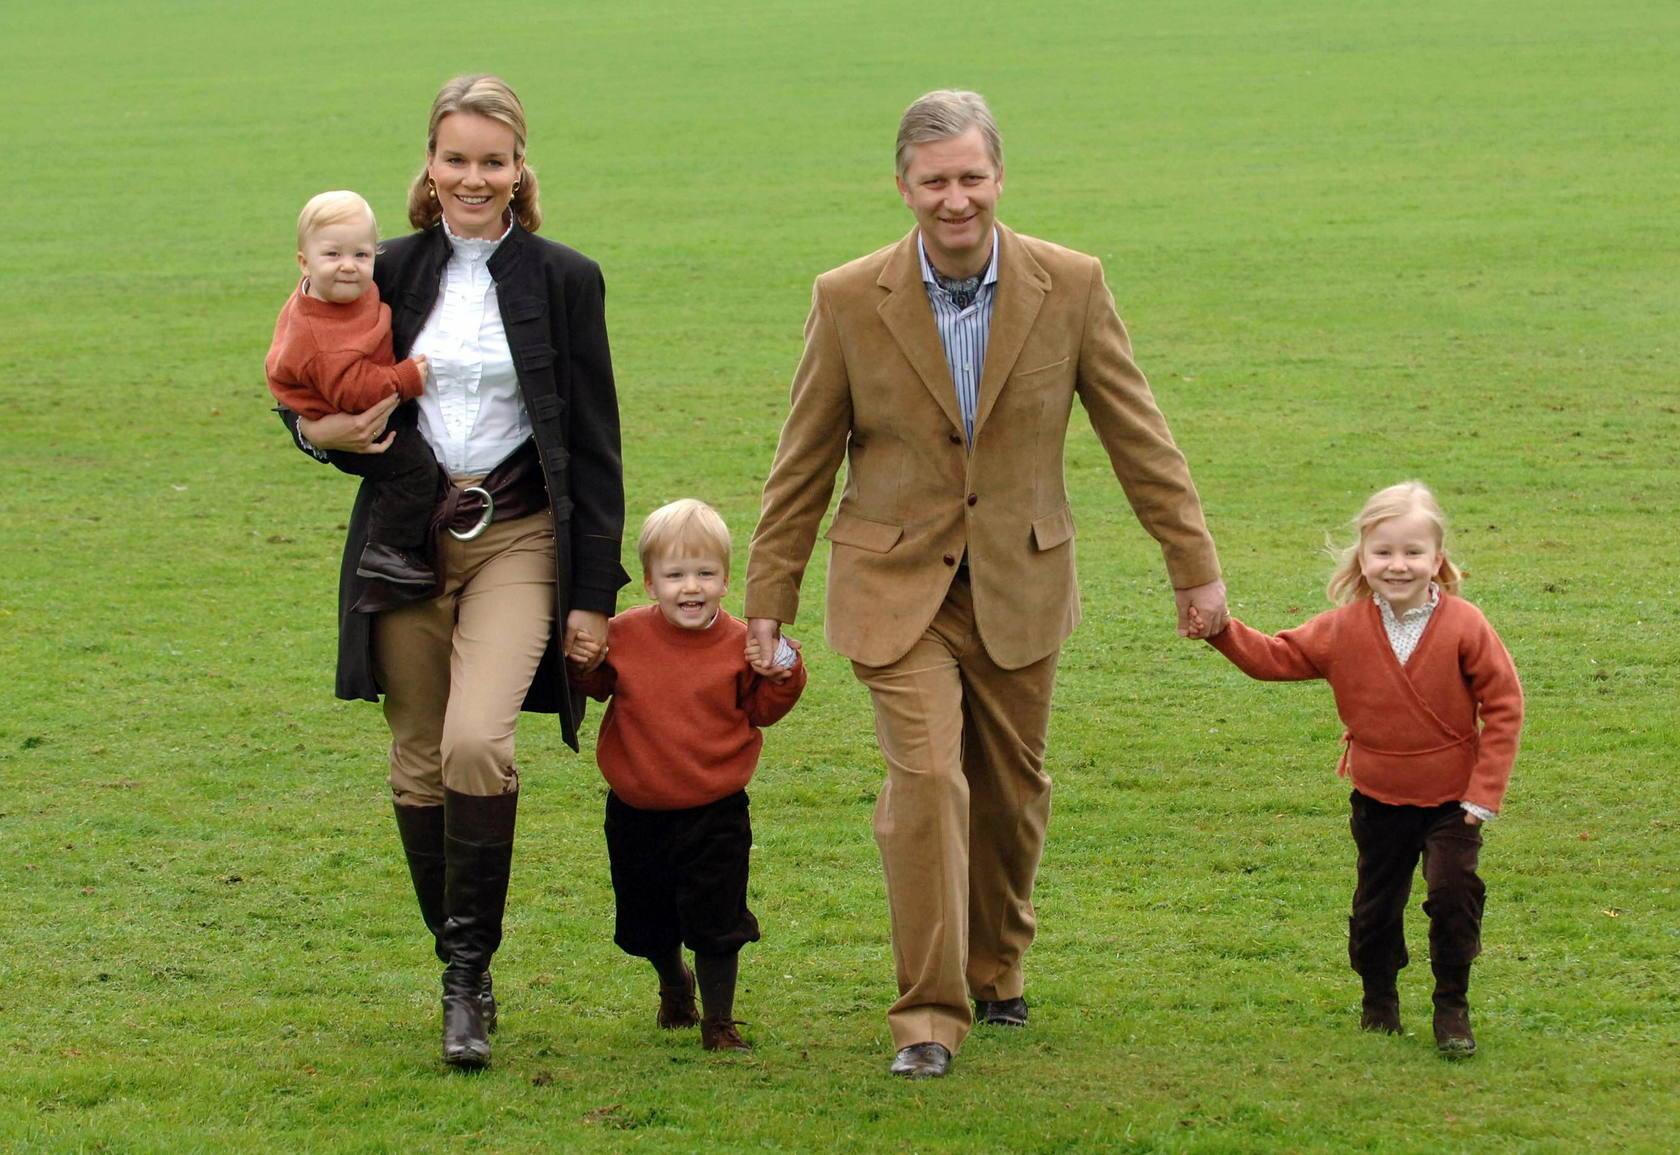 Felipe y Matilde, próximos nuevos reyes de Bélgica